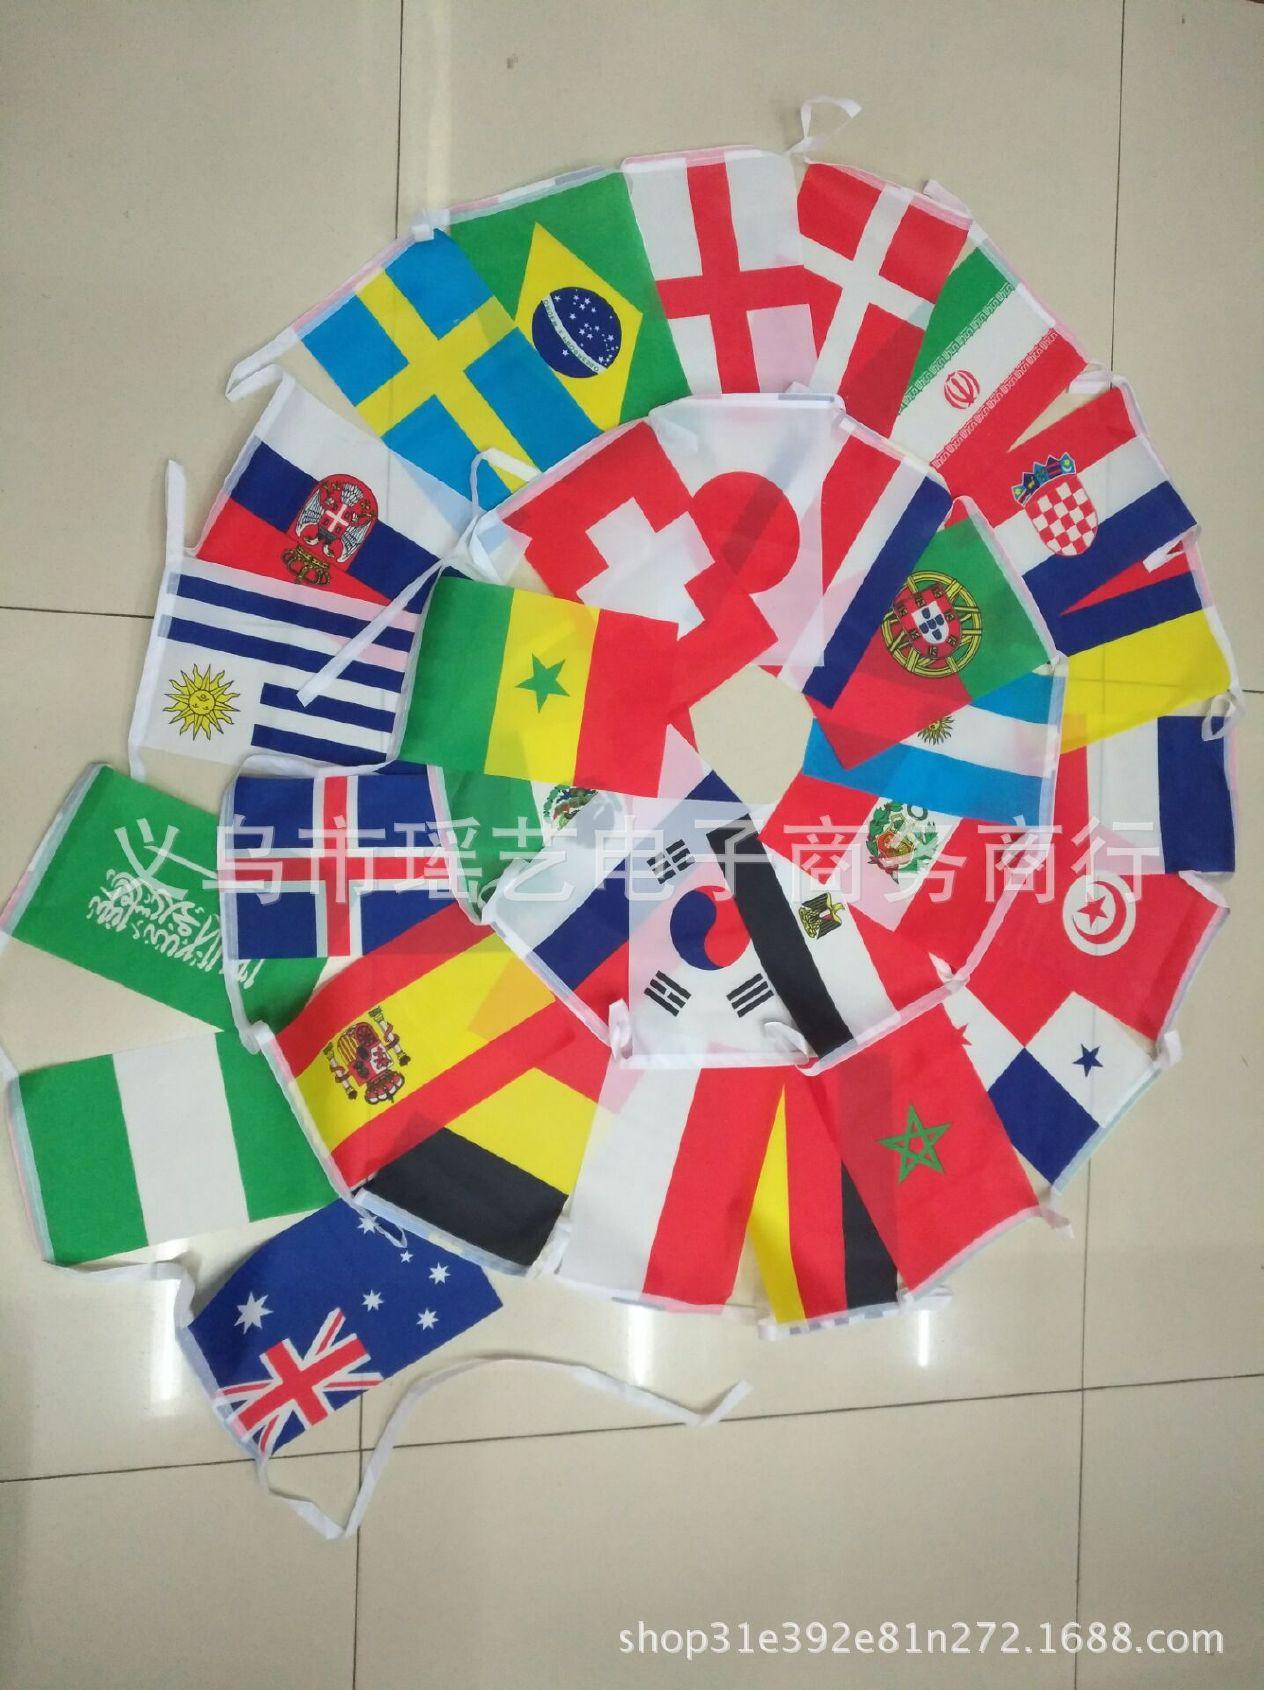 现货供应 2018 世界杯32强国旗 串旗